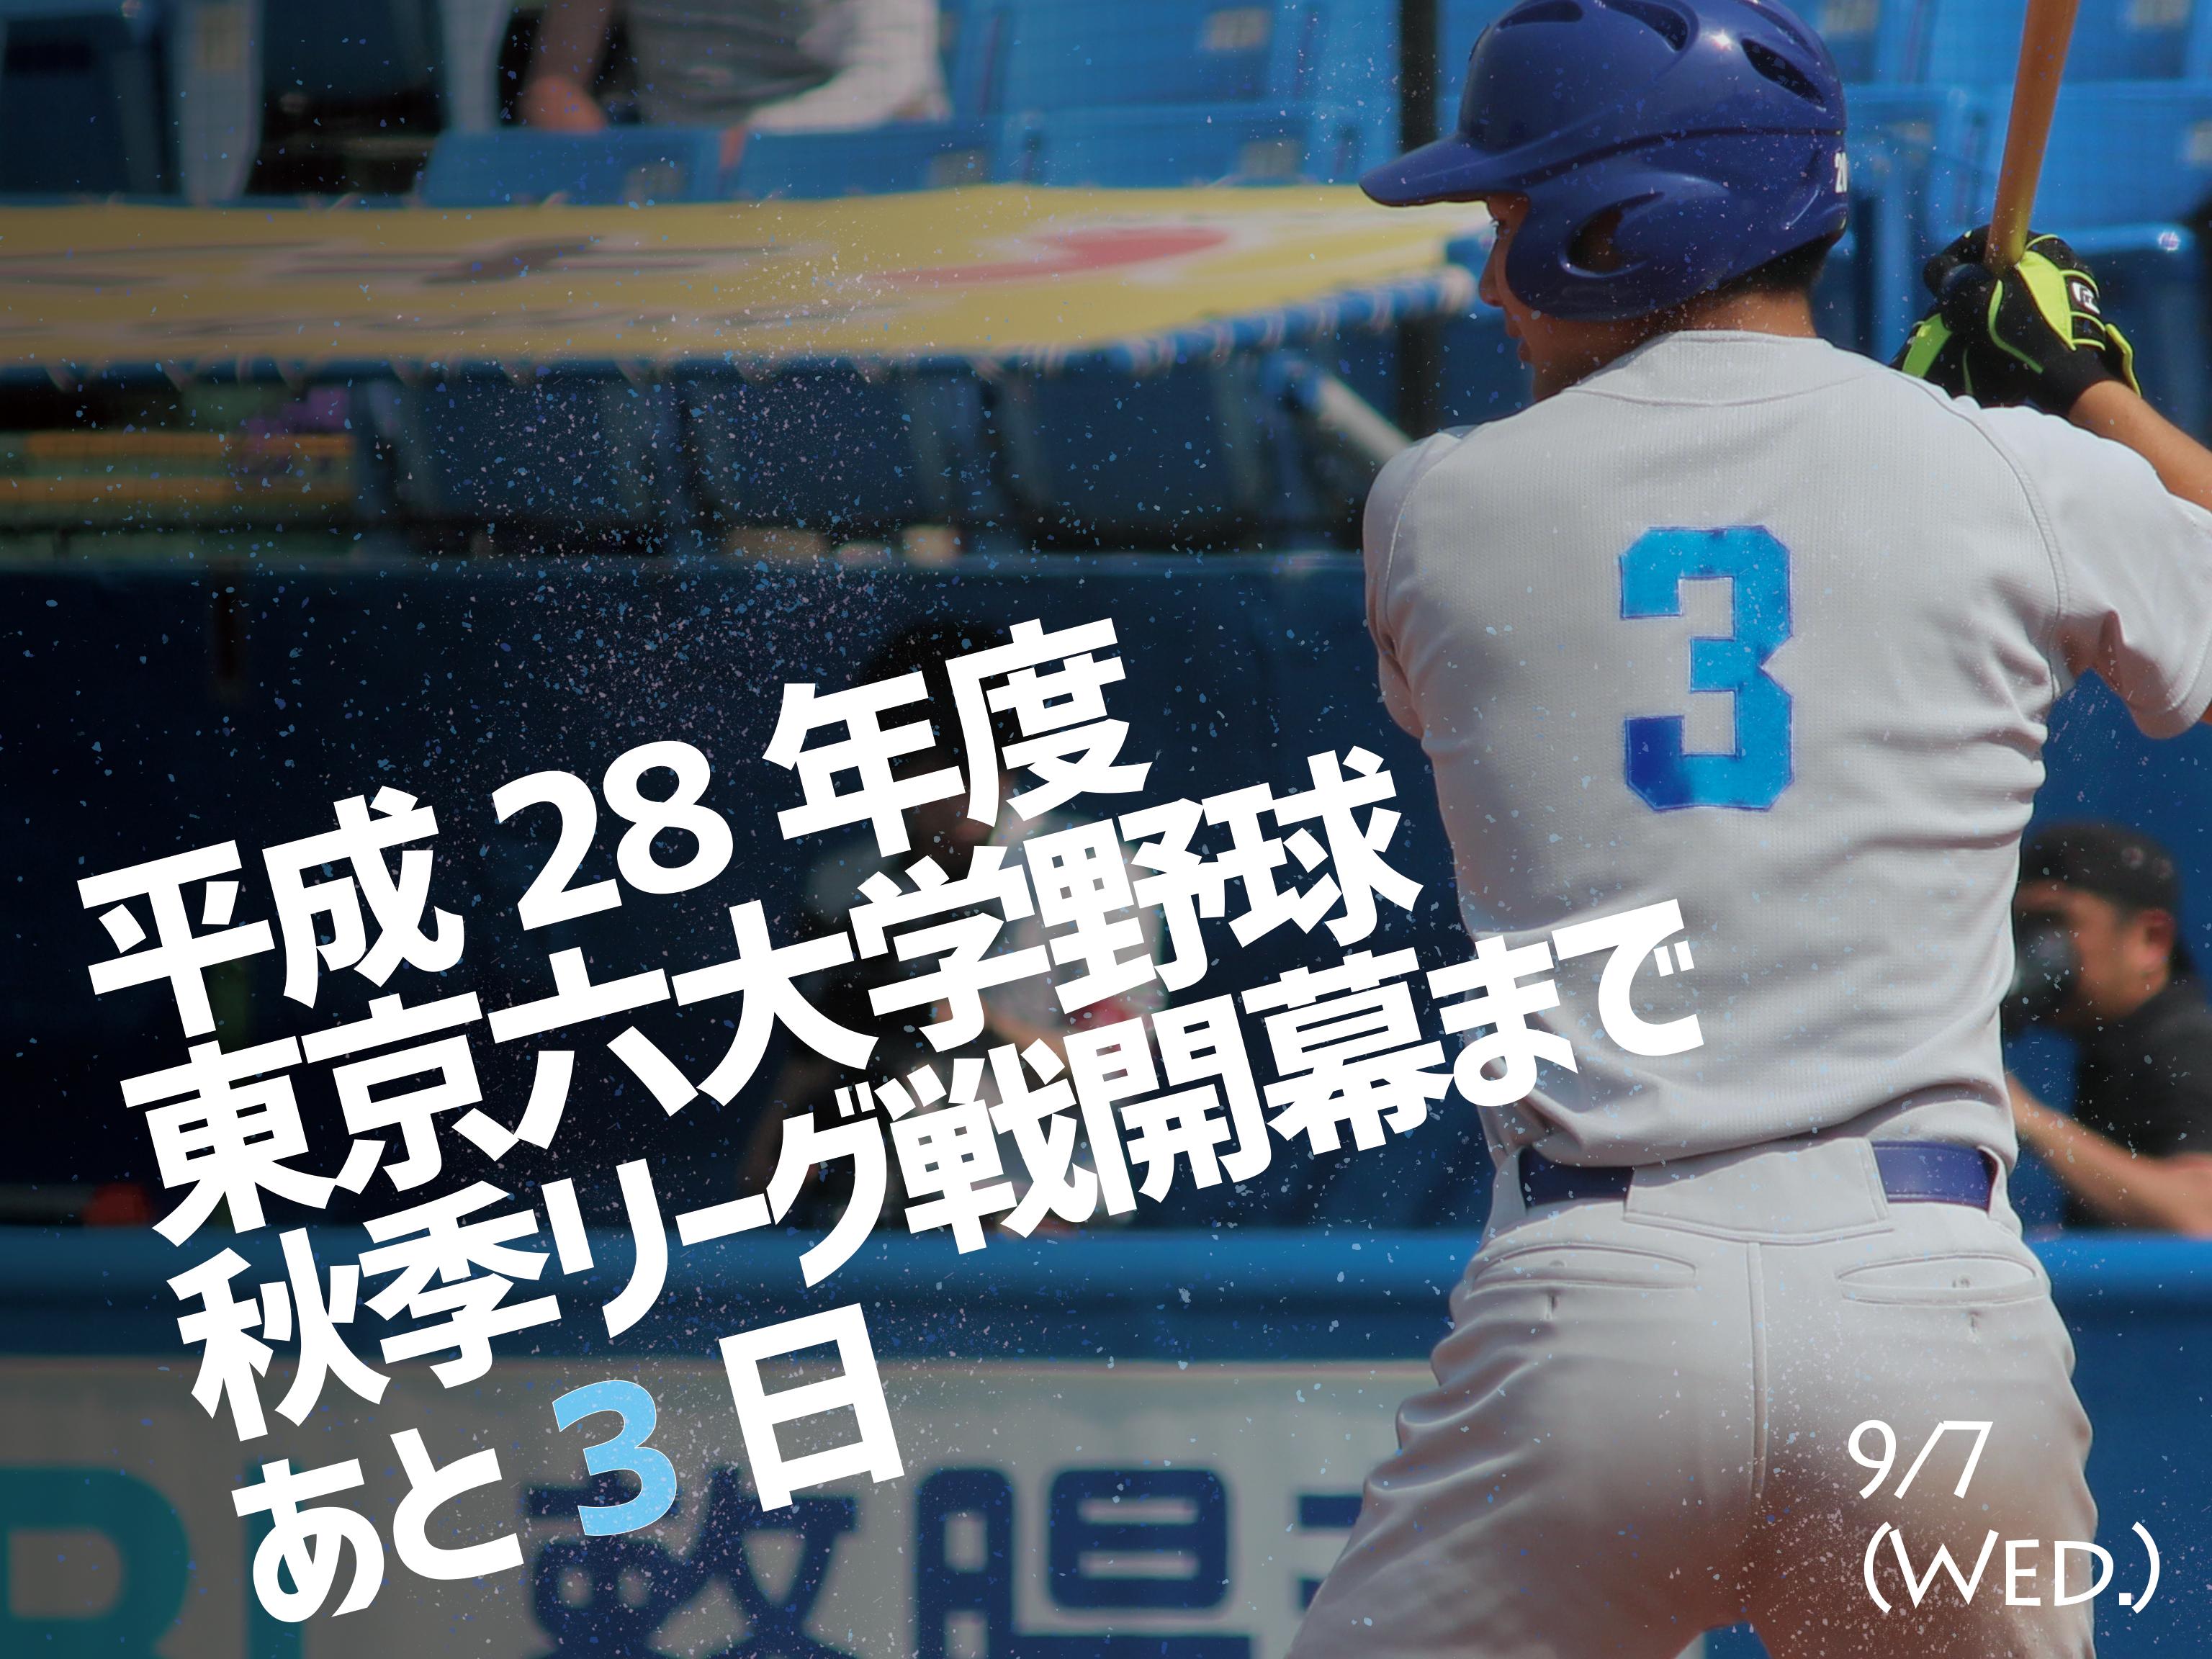 カウントダウン画像(田口)